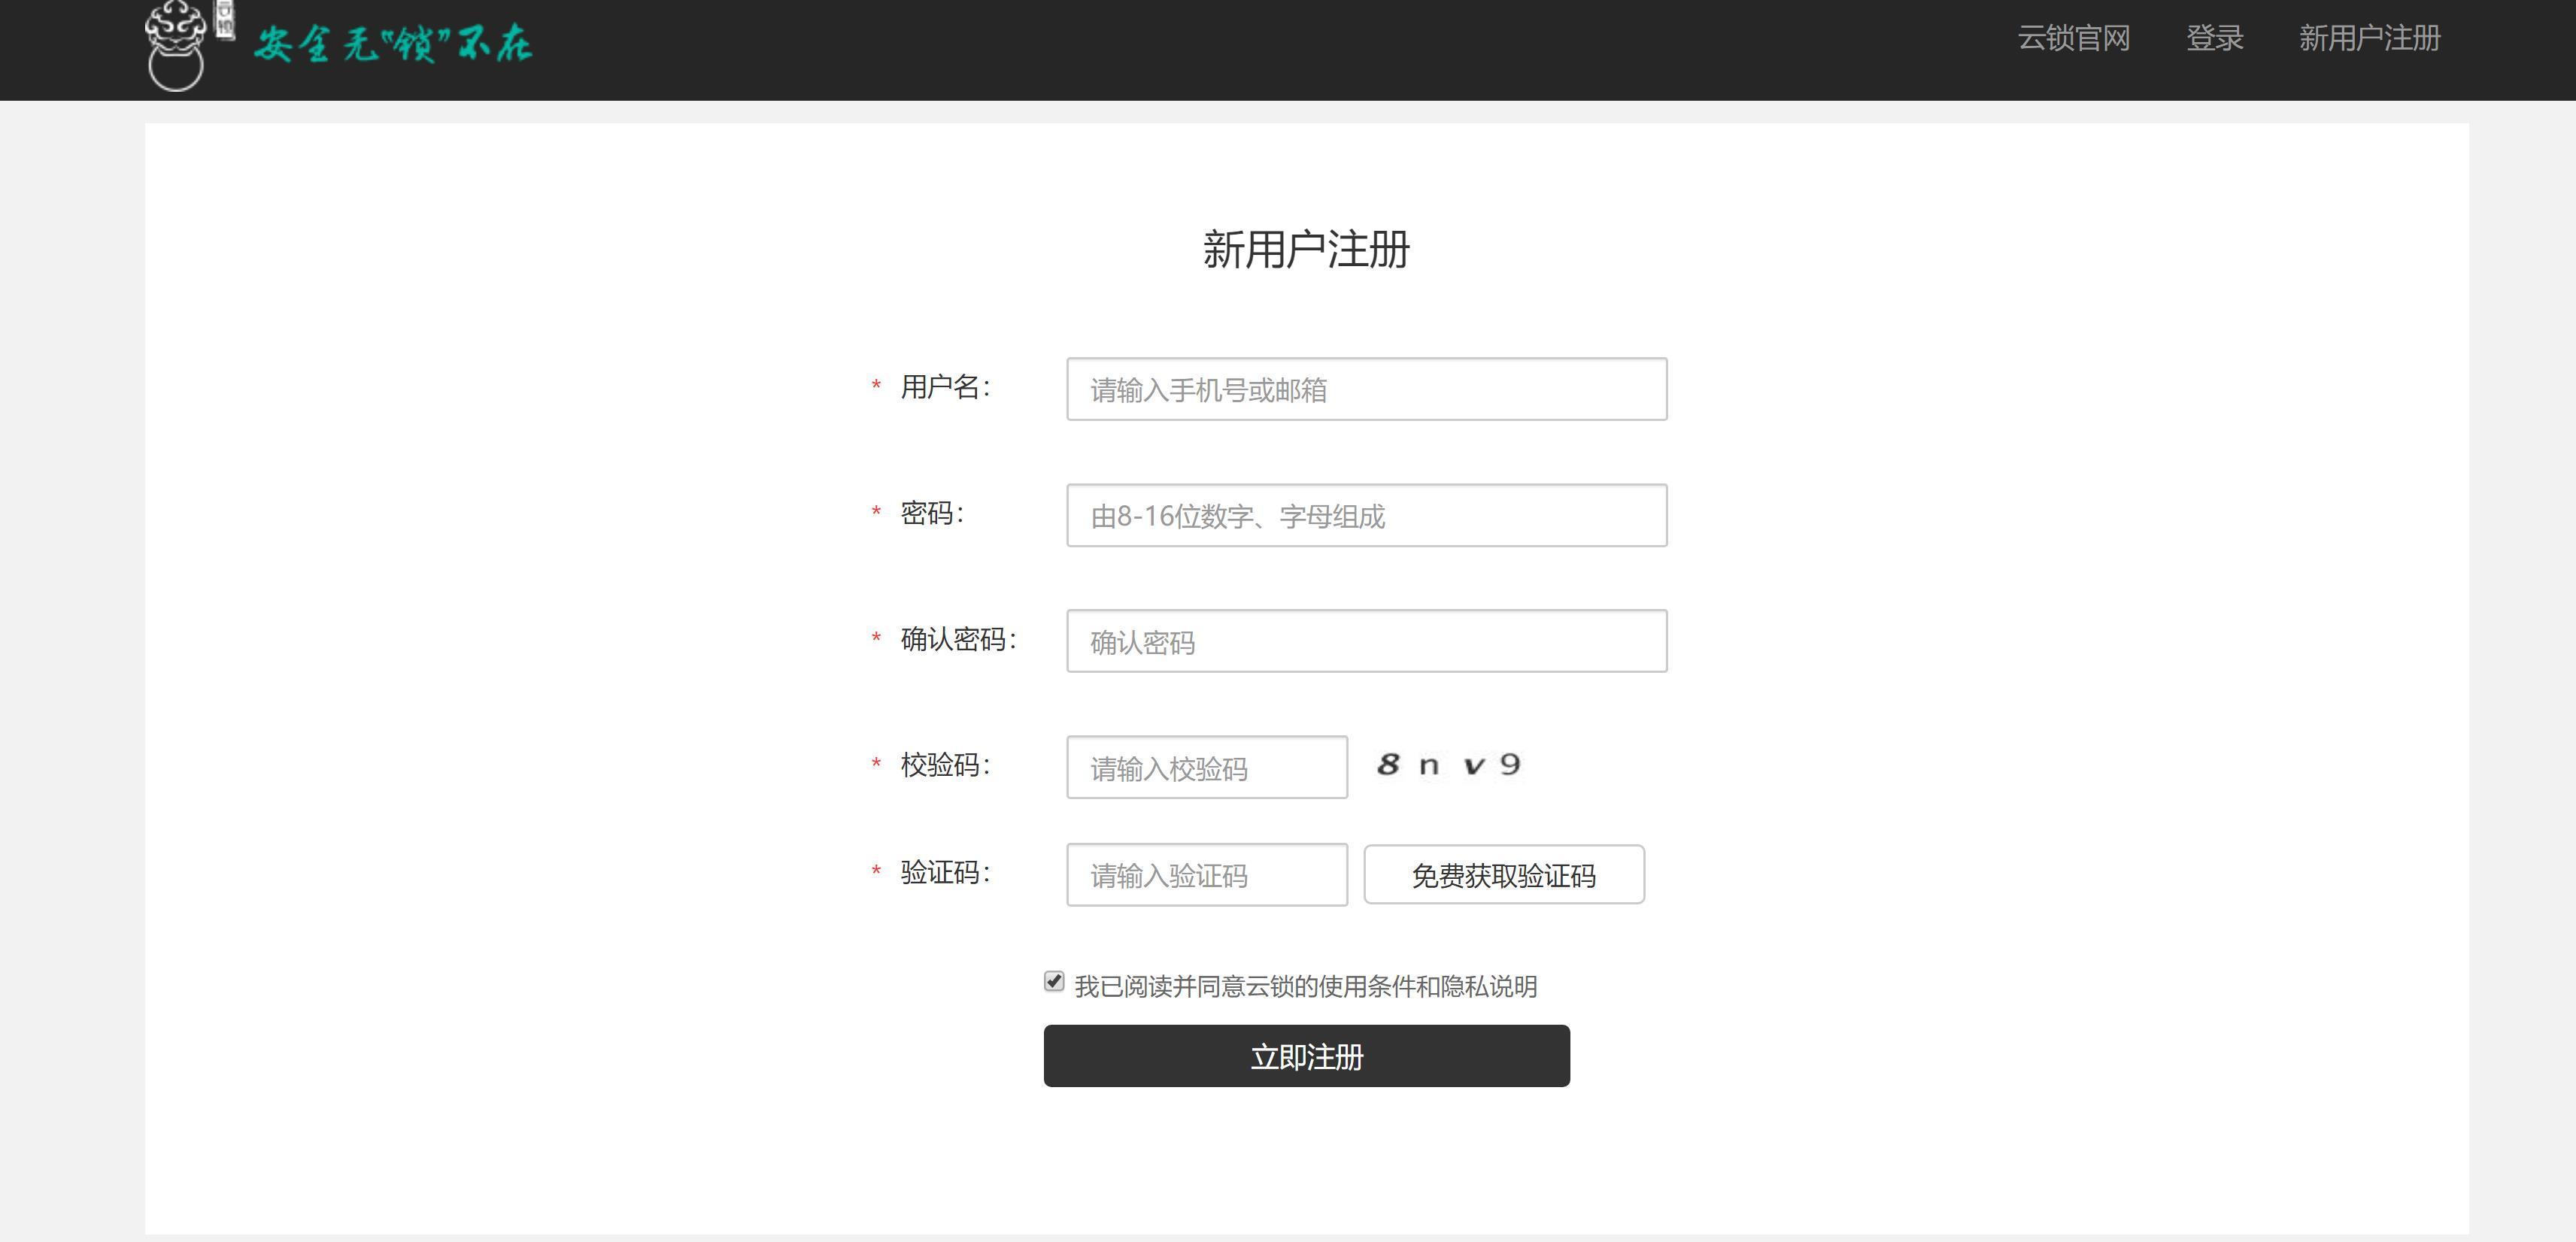 网站优化中,那些因素会引起网站降权?|正文3